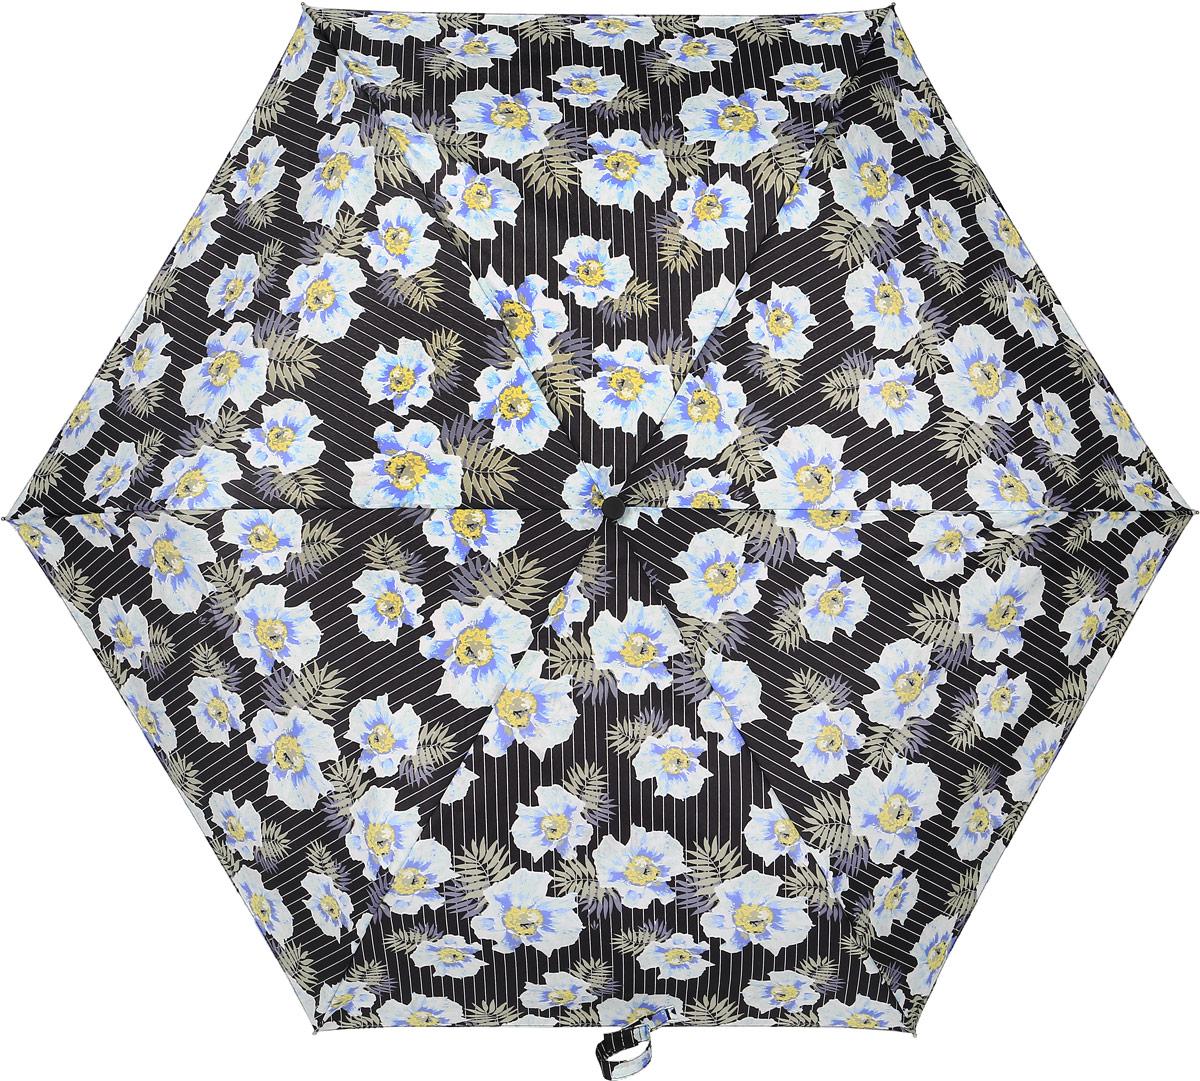 Зонт женский Fulton, механический, 3 сложения, цвет: мультиколор. L553-3375 черепаха intex надувная 191 170см от 3лет